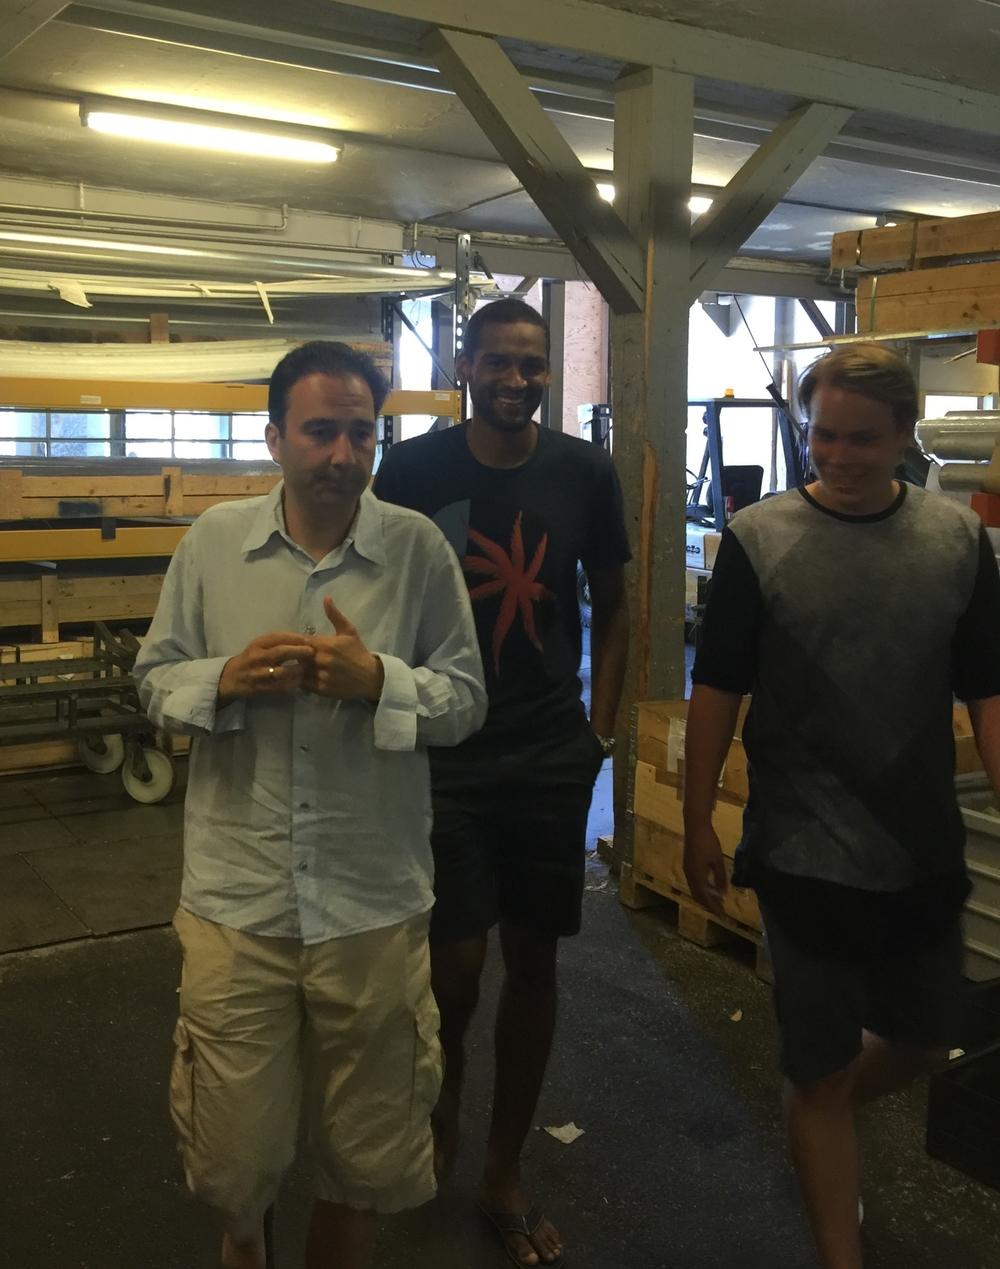 På vej til vores første podcast - med indgang gennem metalfabrikken: Christian Wolny, Mikkel Bischoff og studievært Daniel Sichlau.